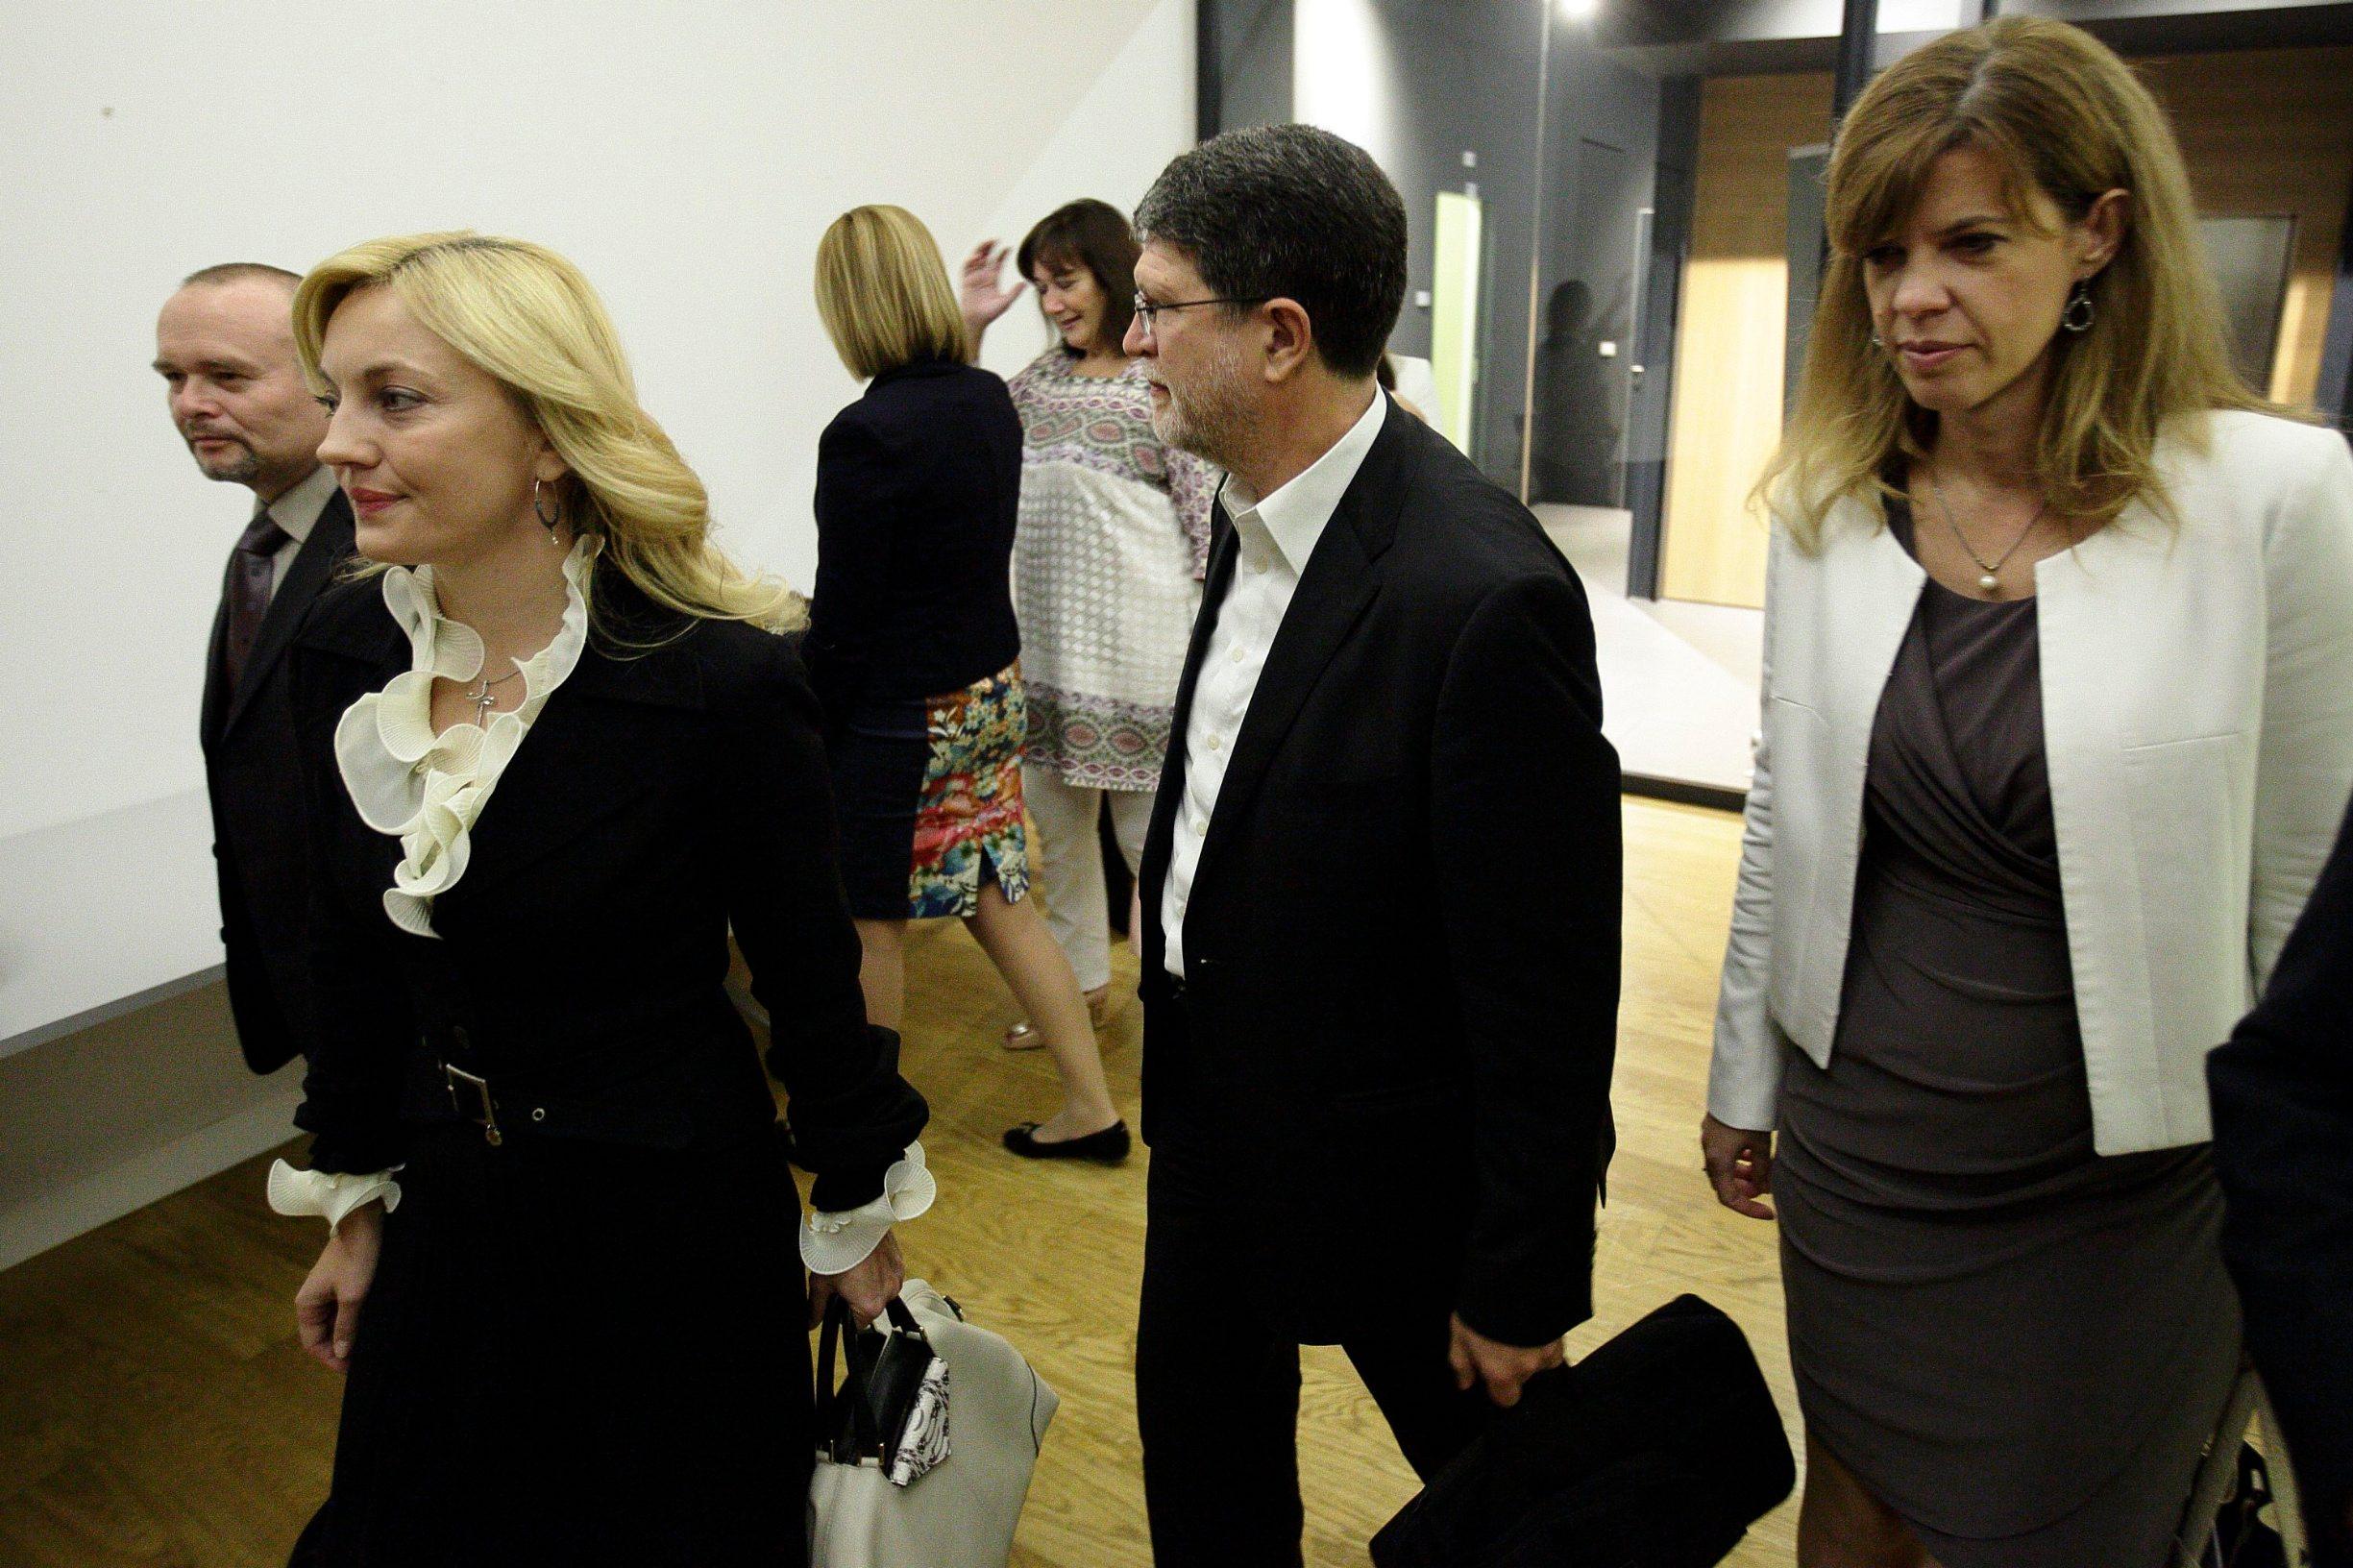 Hrvatska, unatoč tome što nema izravne predstavnike unutar odbora, ima zamjenske članove. Na slici, bivši eurozastupnici (Davor Škrlec i Marijana Petir), te ponovno izabrani (Dubravka Šuica, Tonino Picula, Biljana Borzan)